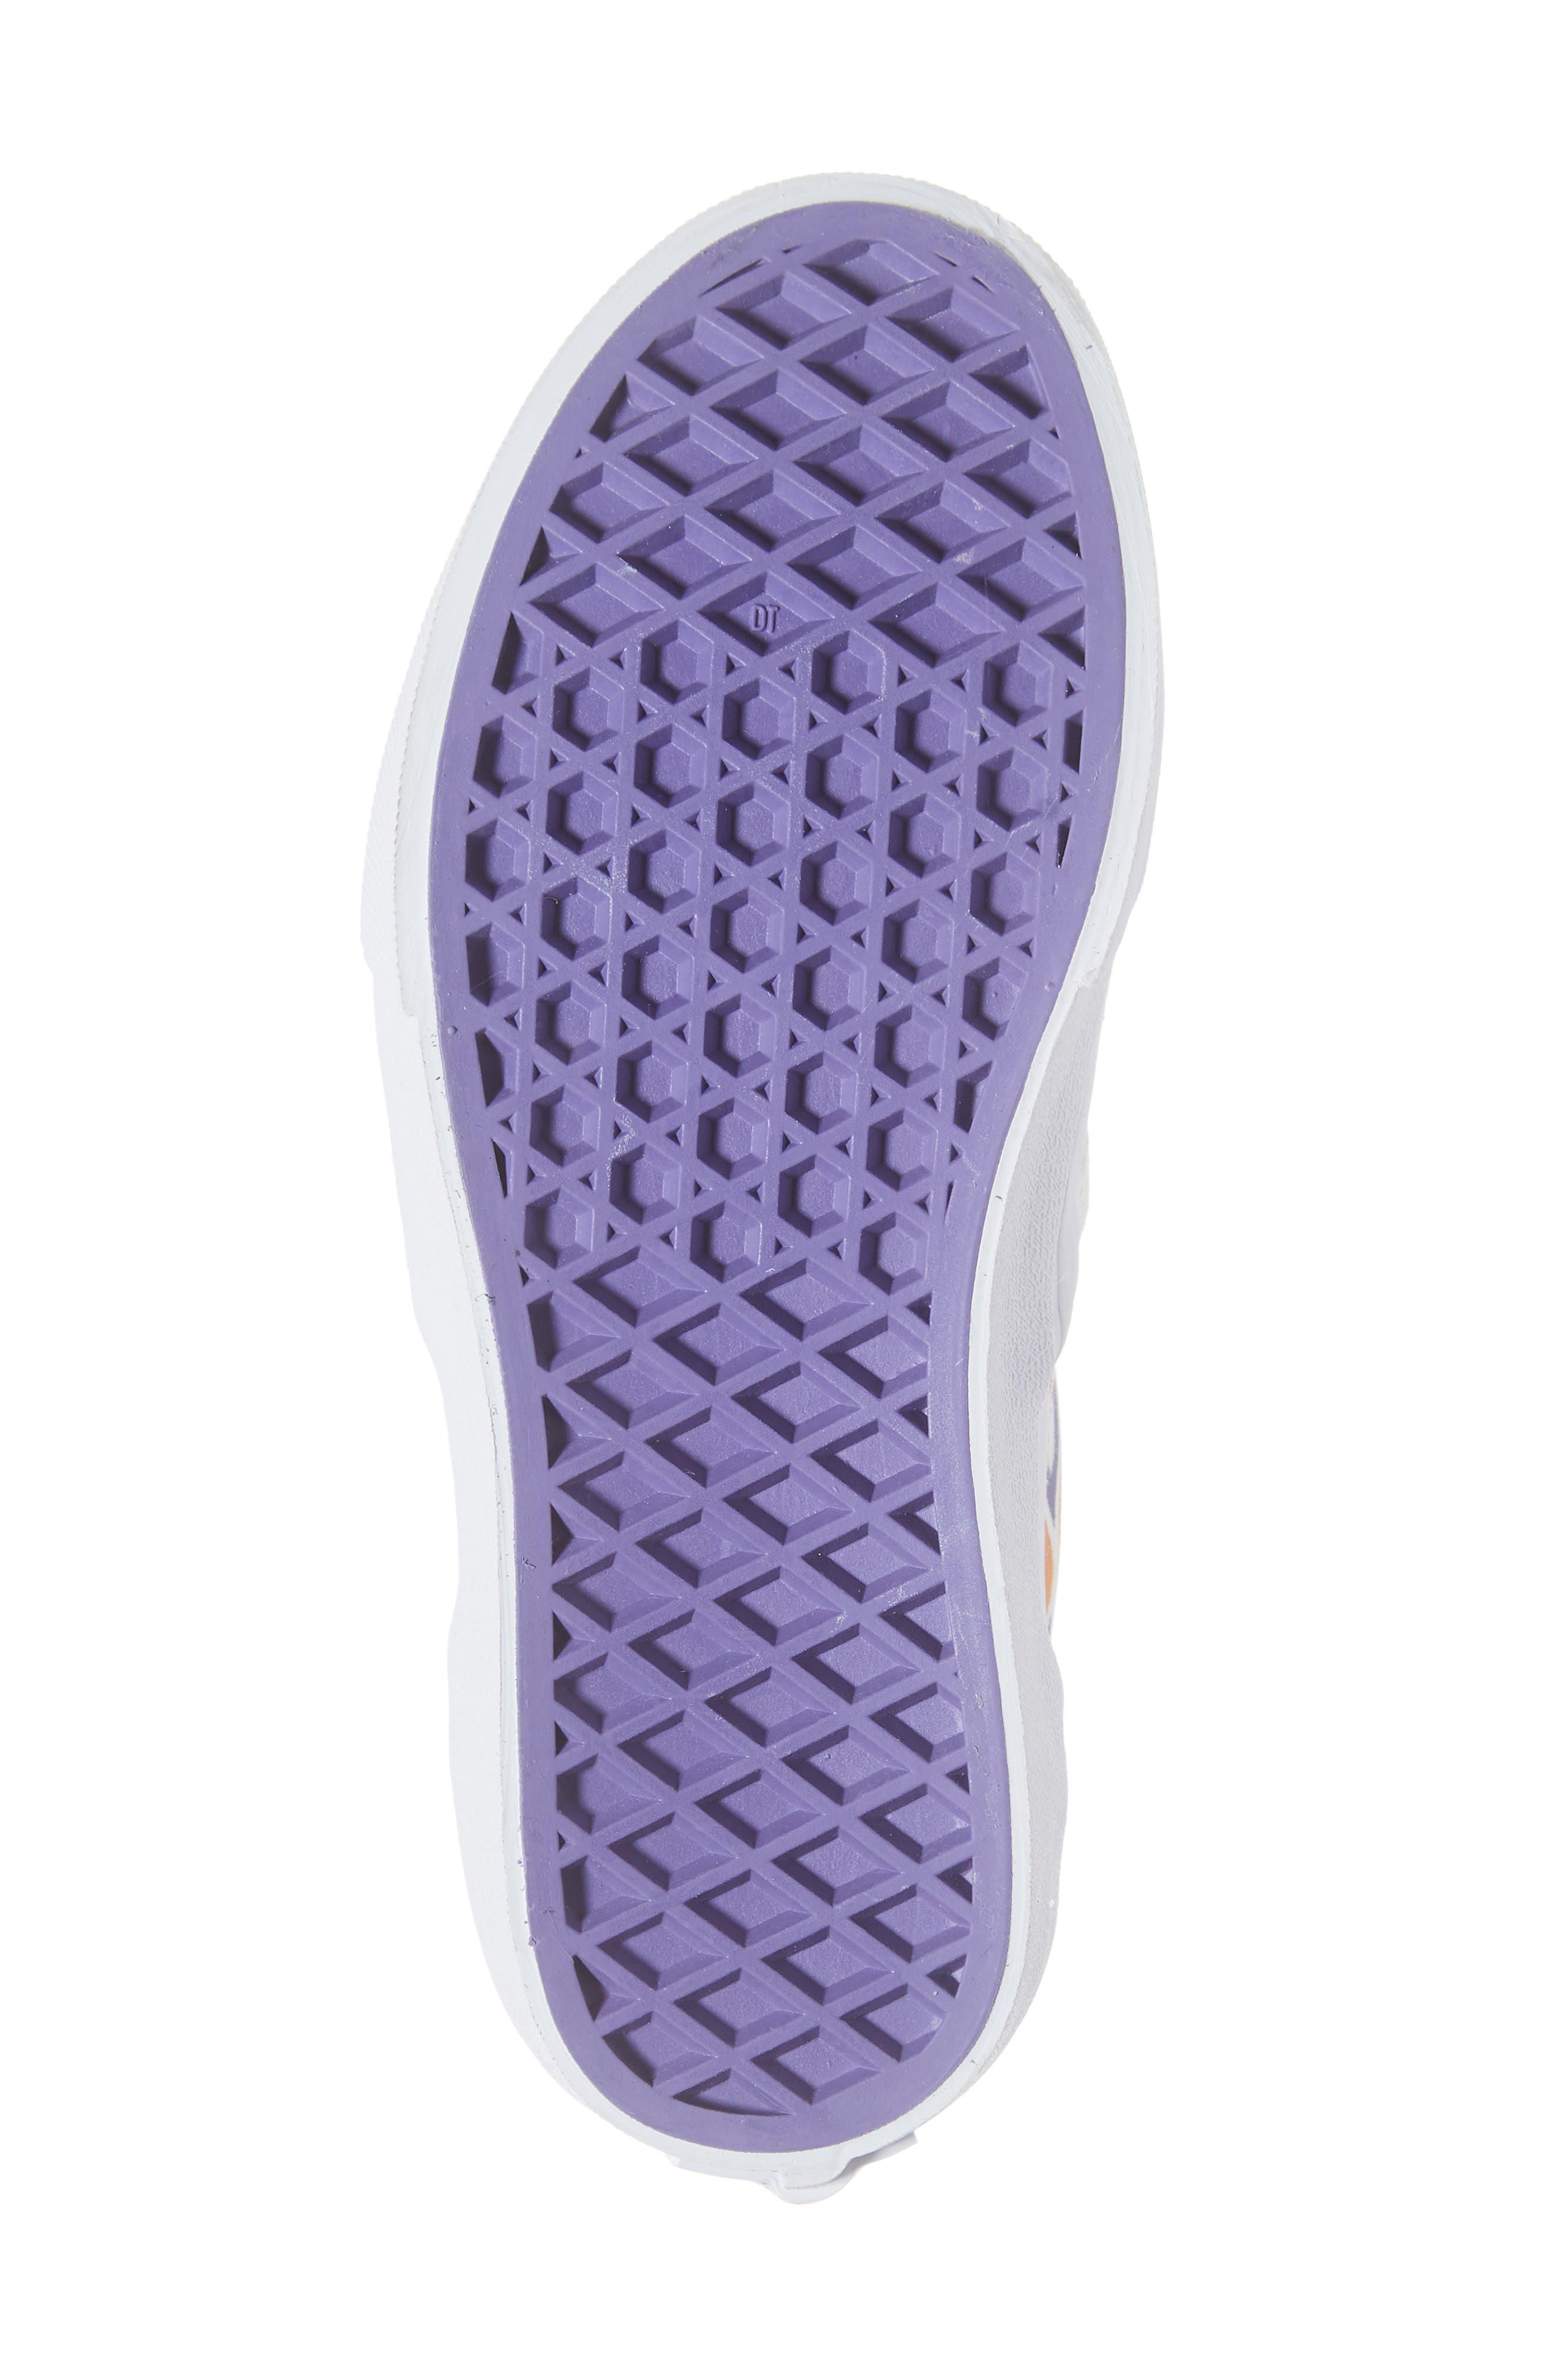 VANS,                             Classic Slip-On Glitter Sneaker,                             Alternate thumbnail 6, color,                             110